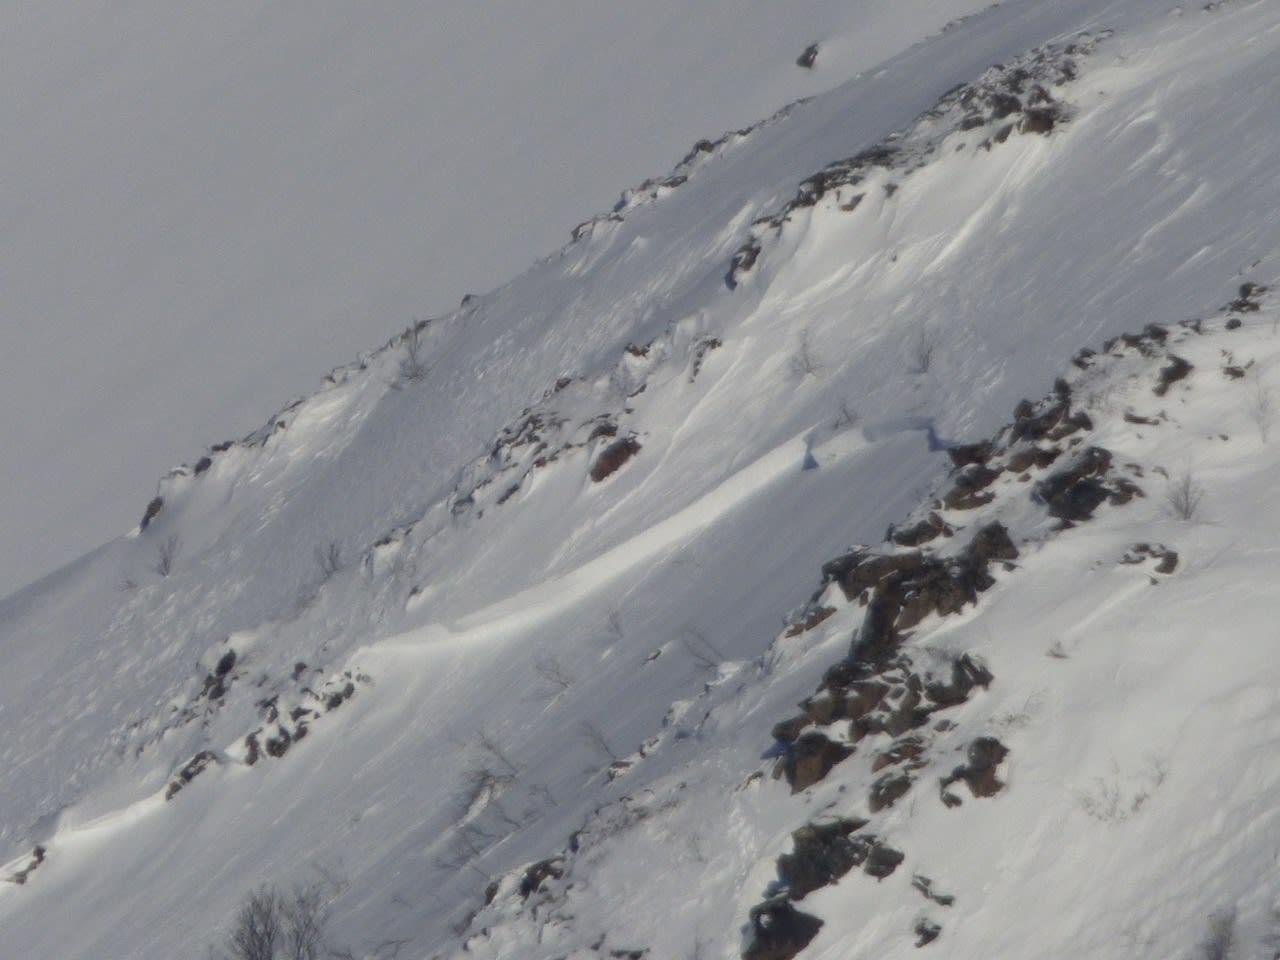 HER GIKK SKREDET: Her ser man deler av bruddkanten på skredet på Grytøya. Bildet er tatt mandag morgen. Bilde: Christian Dramsdahl